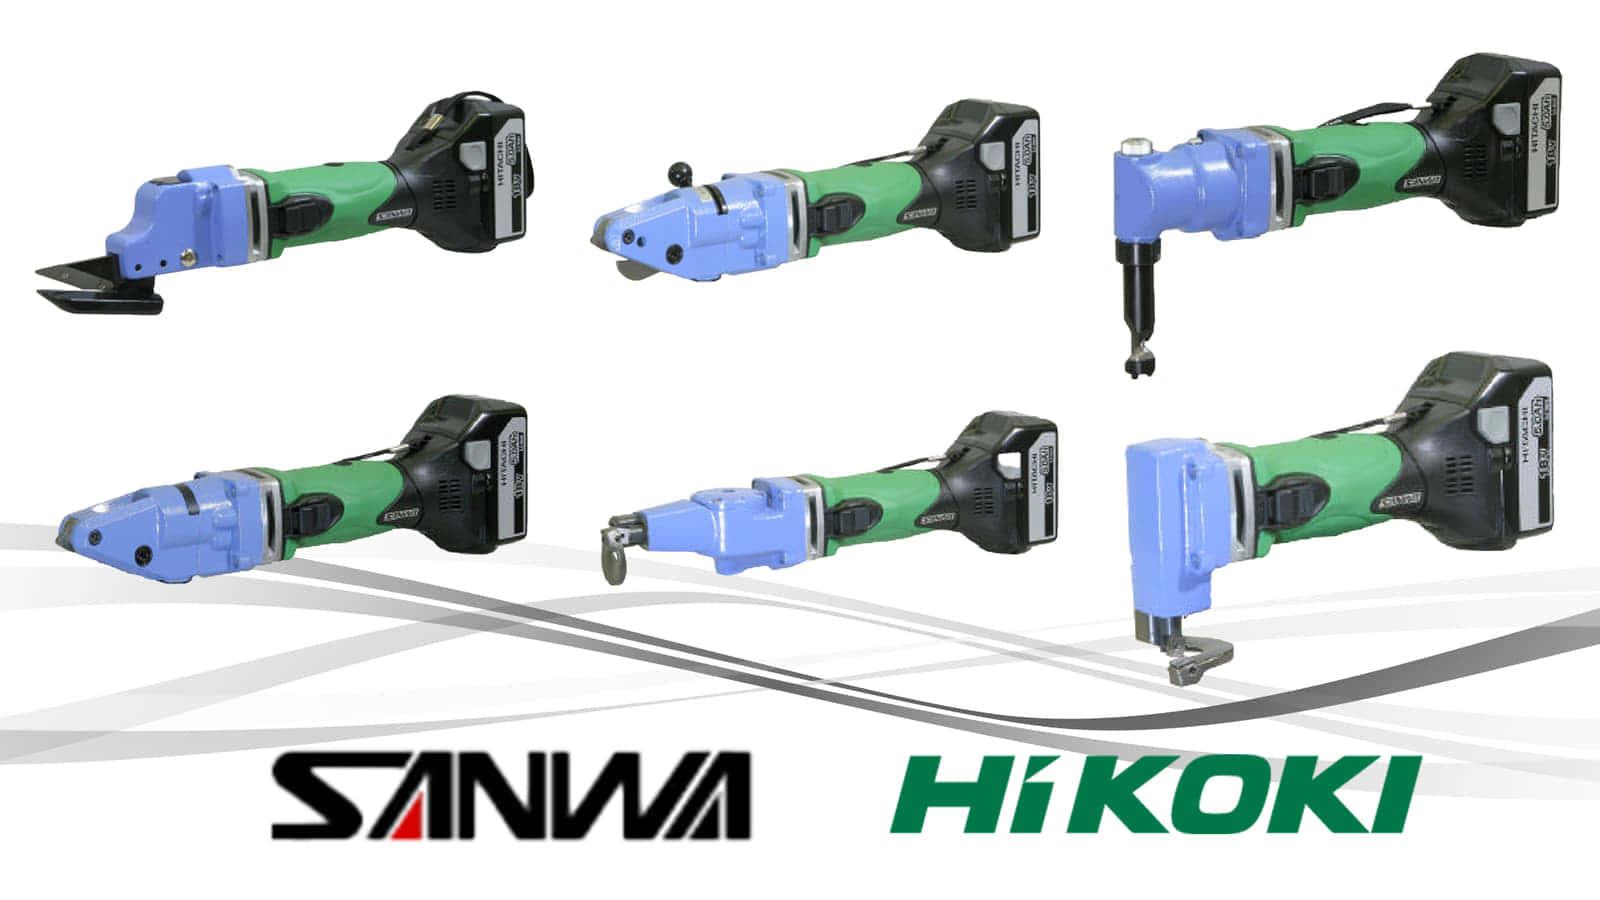 サンワ、HiKOKIバッテリーに対応するコードレス板金切断電動工具